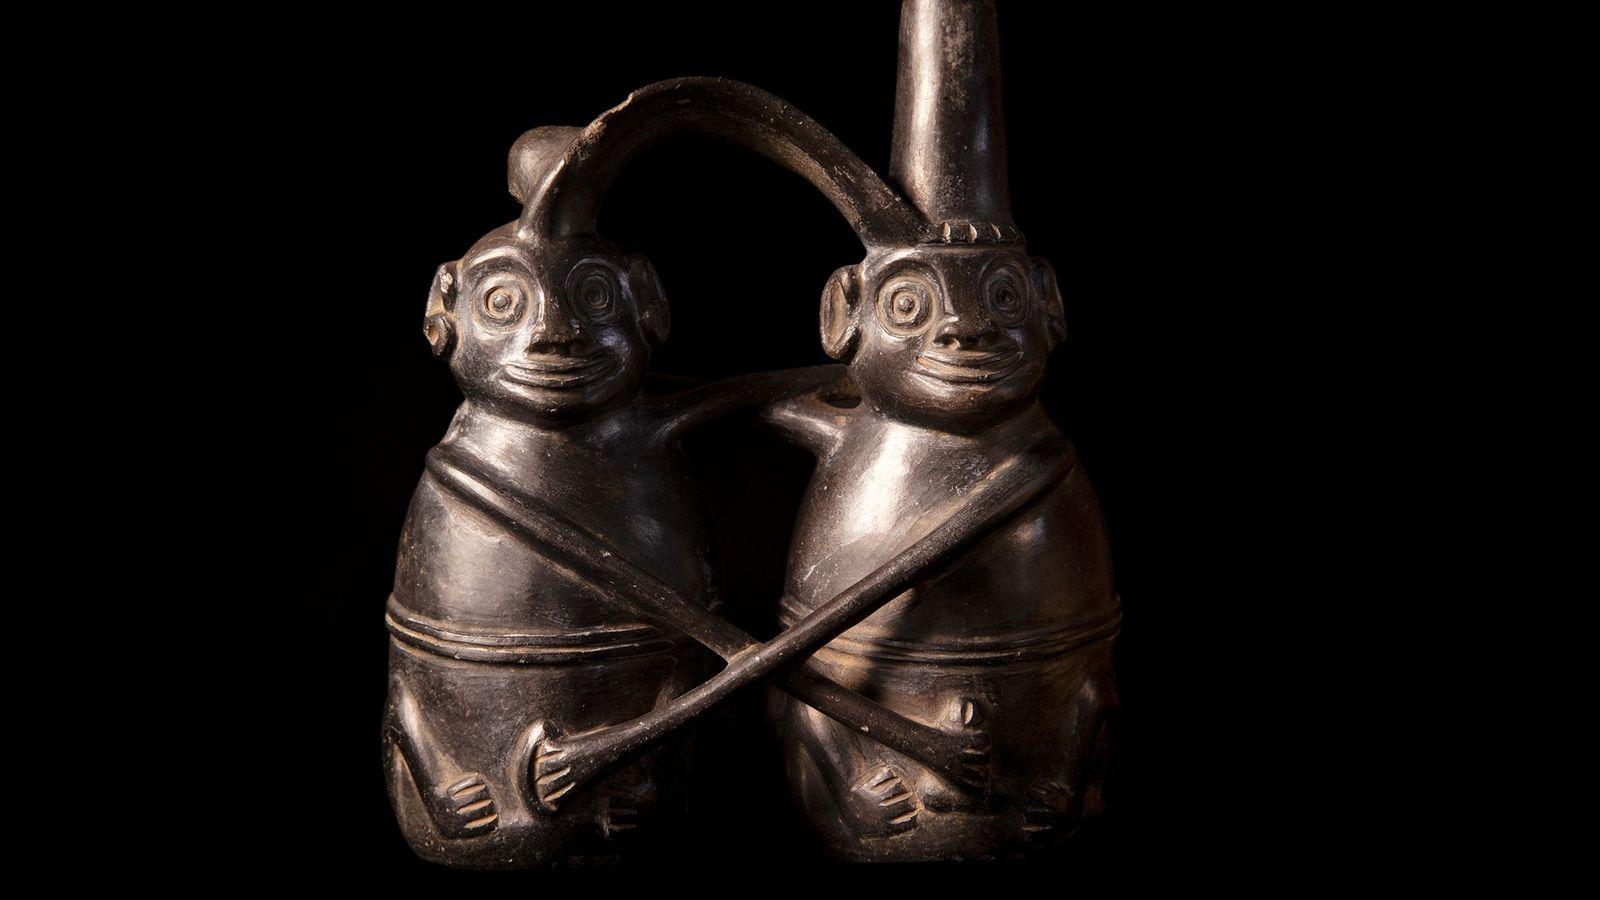 pecas-arqueologicas-colecao-privada-estaban-saavedra